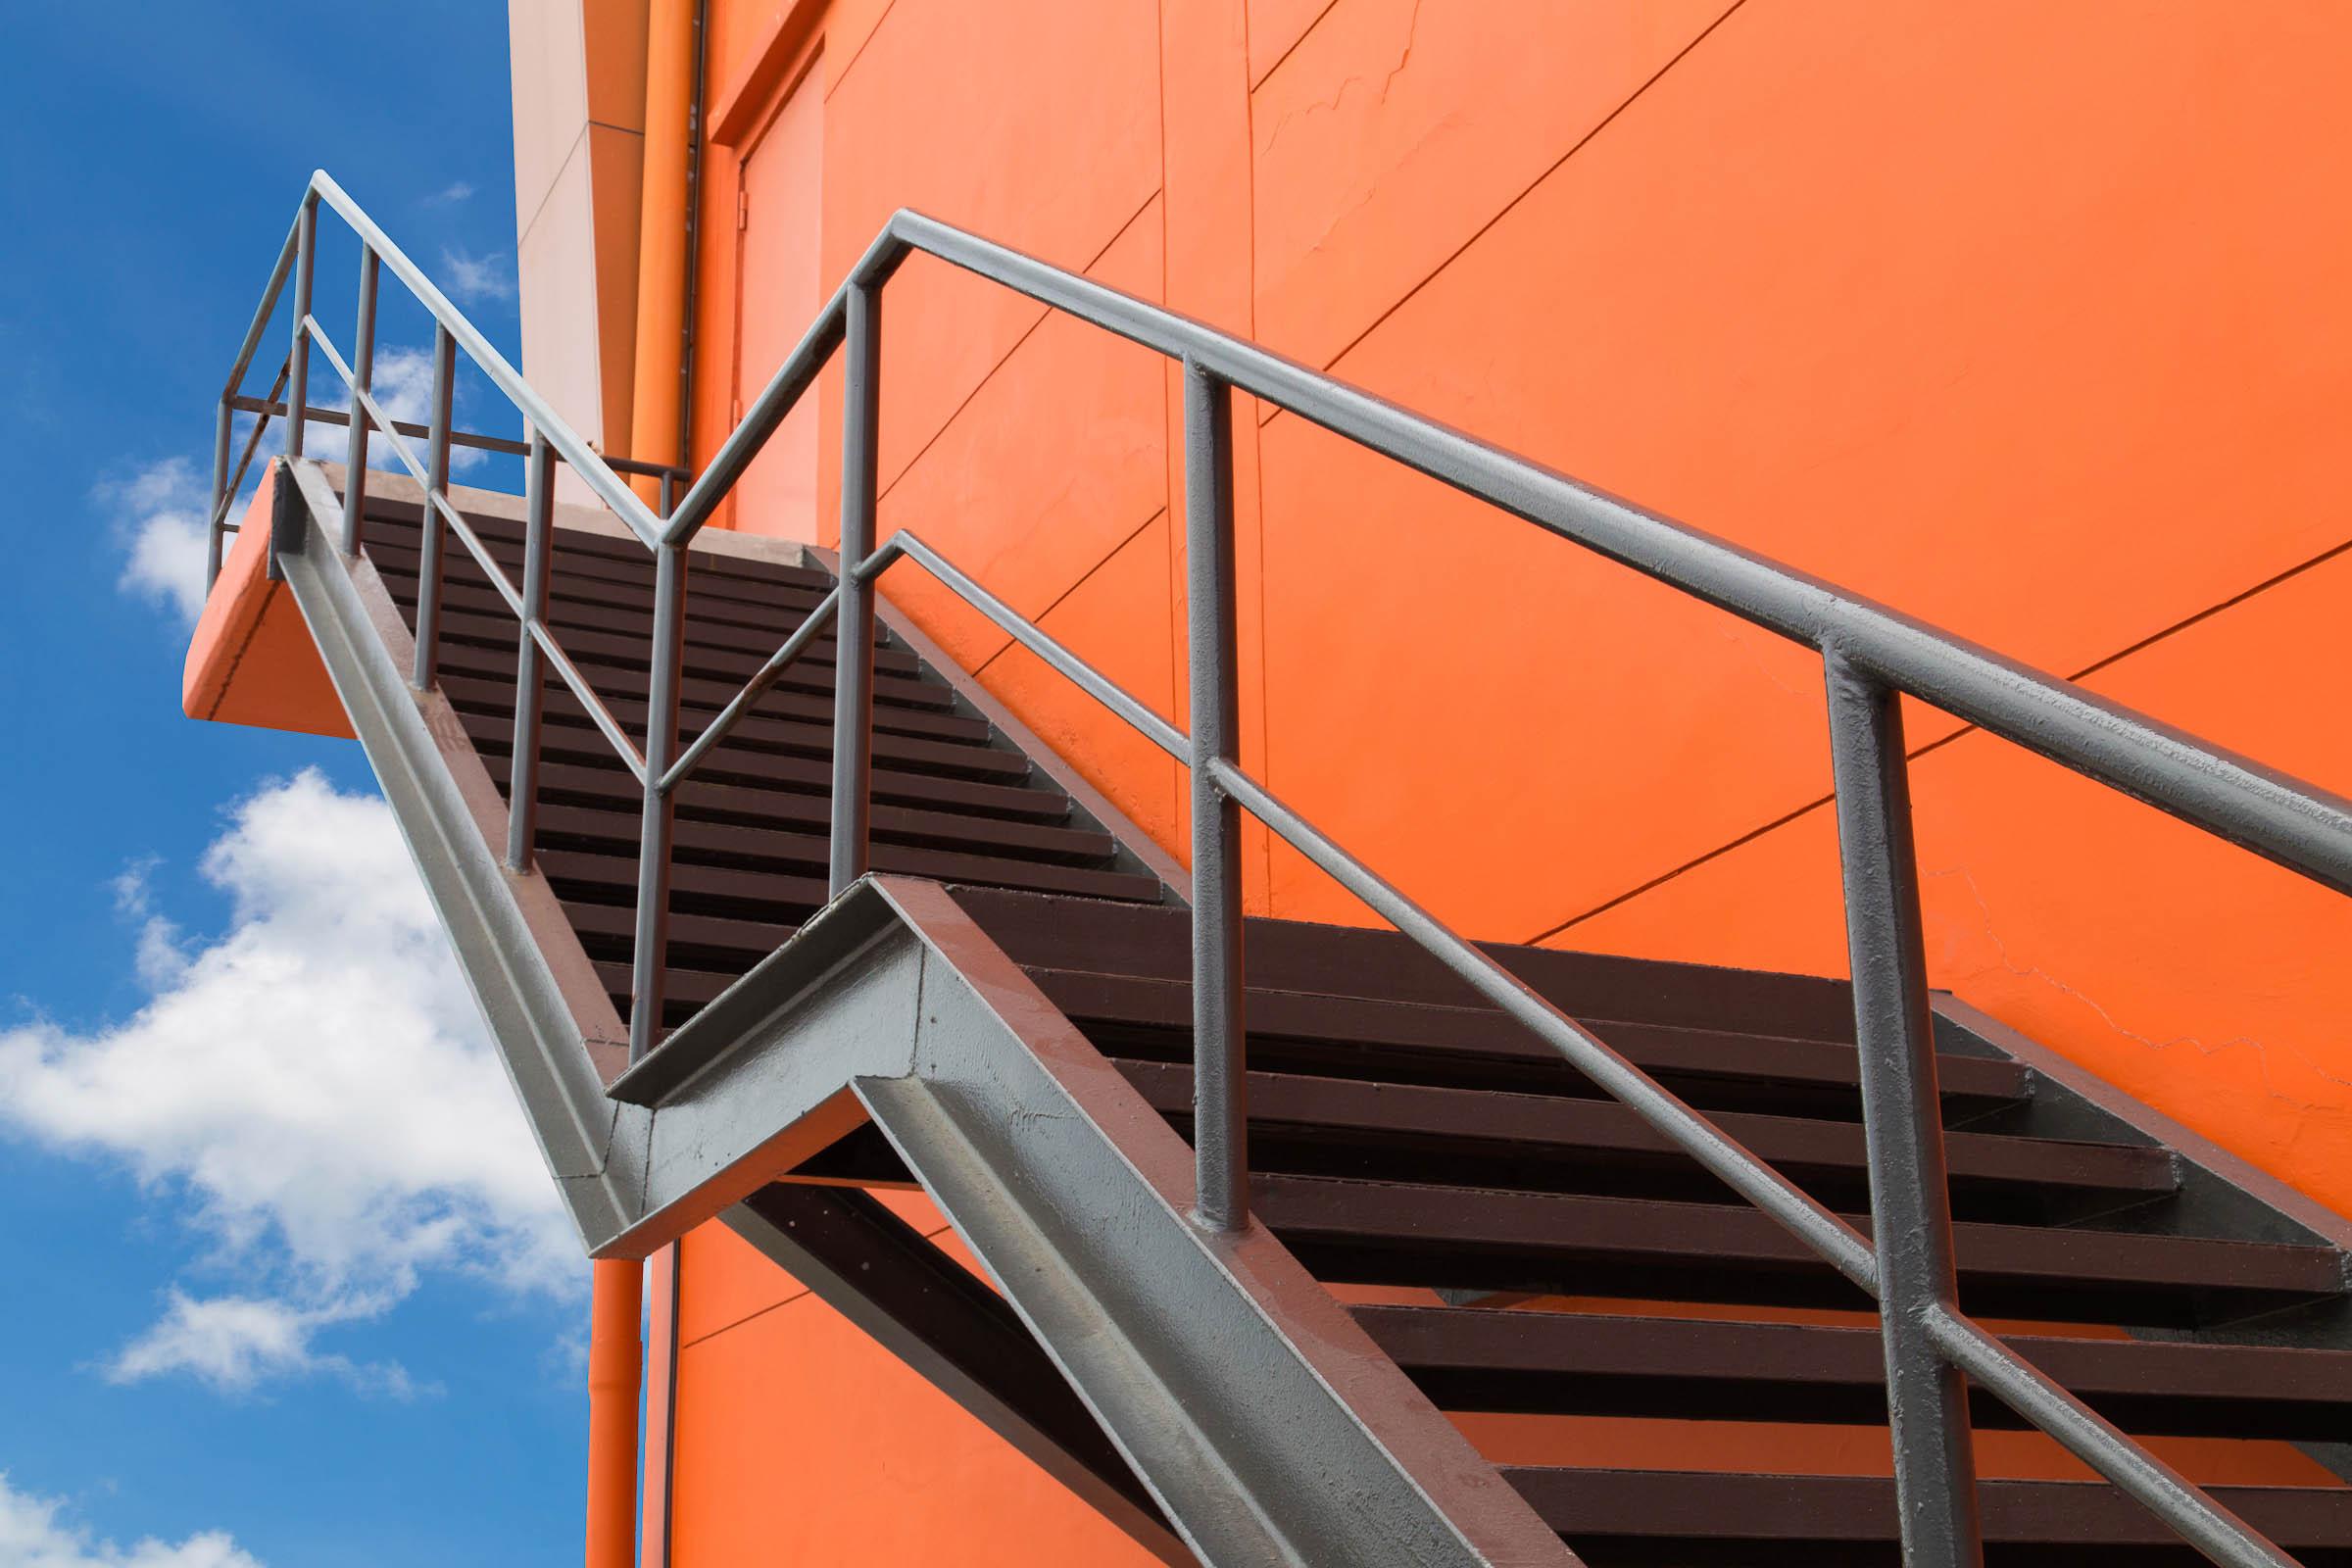 Fassadengestaltung Industriegebäude